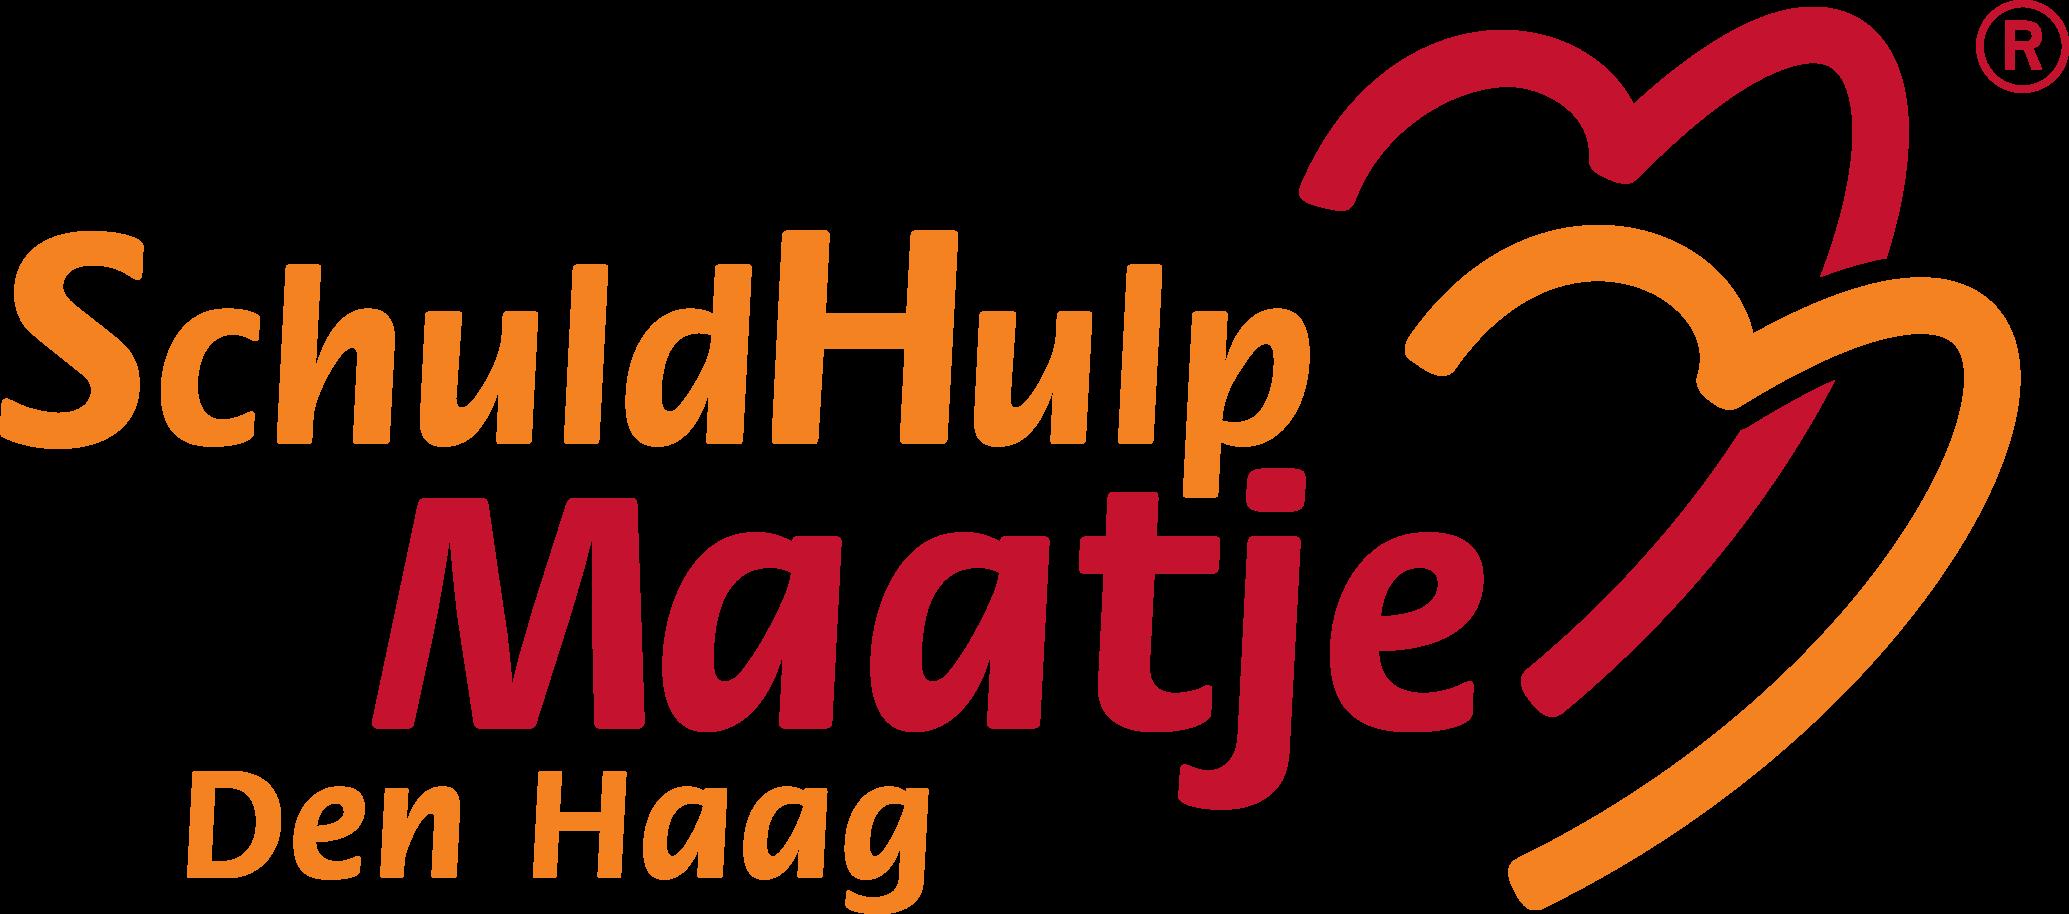 Het logo van stichting SchuldHulpMaatje Den Haag.